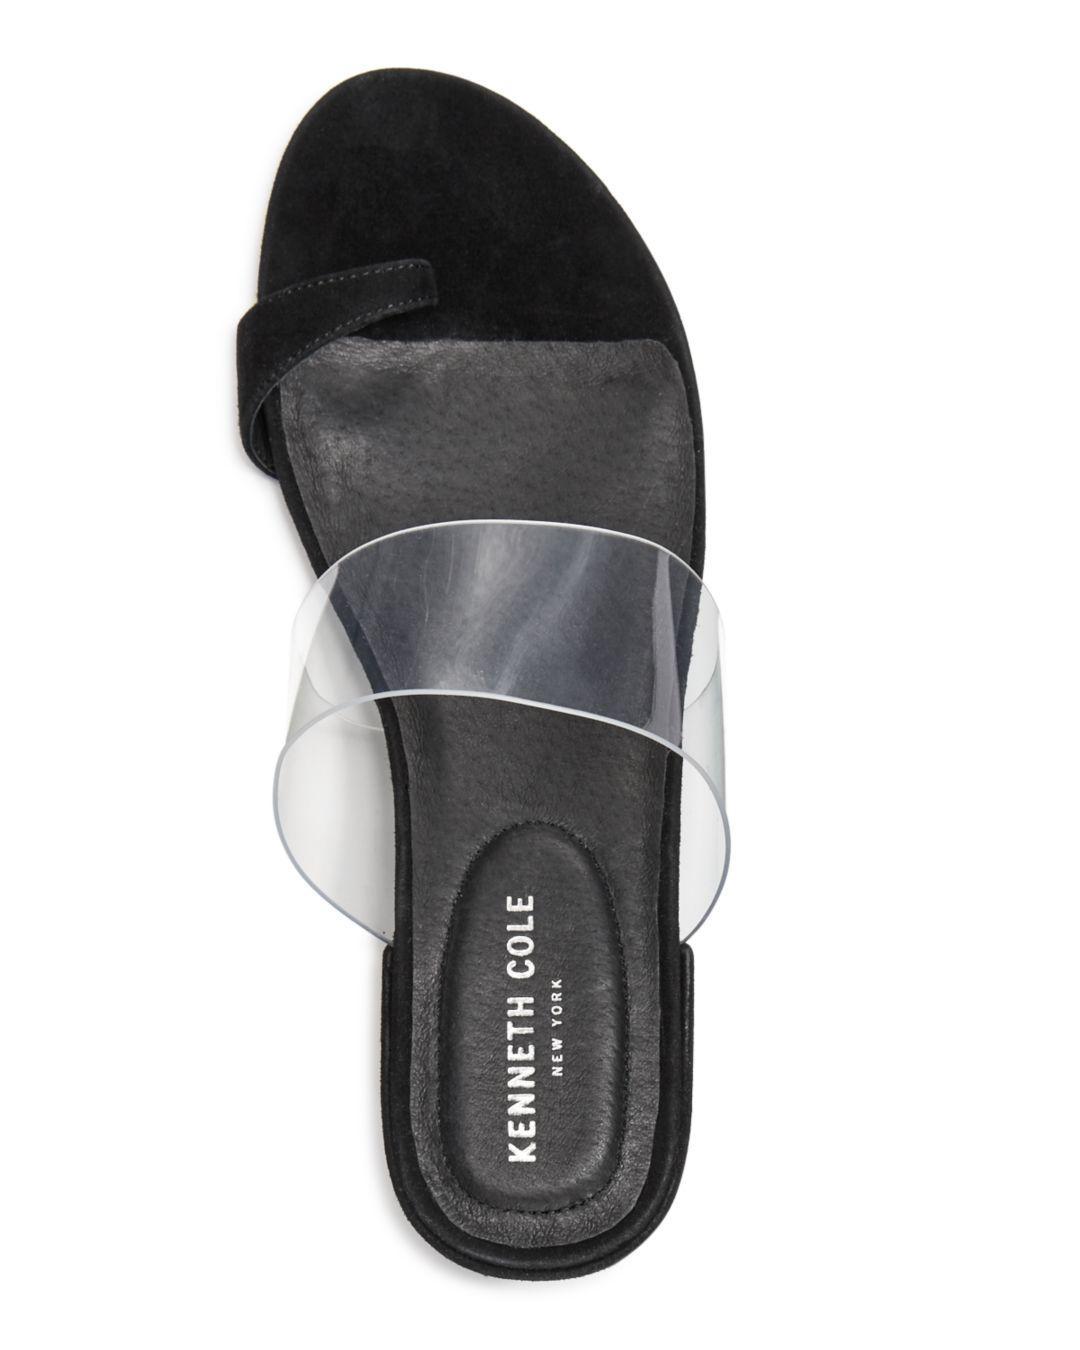 0aa9e3b19370 Kenneth Cole Women s Lizzie Clear   Suede Block Heel Sandals - Lyst